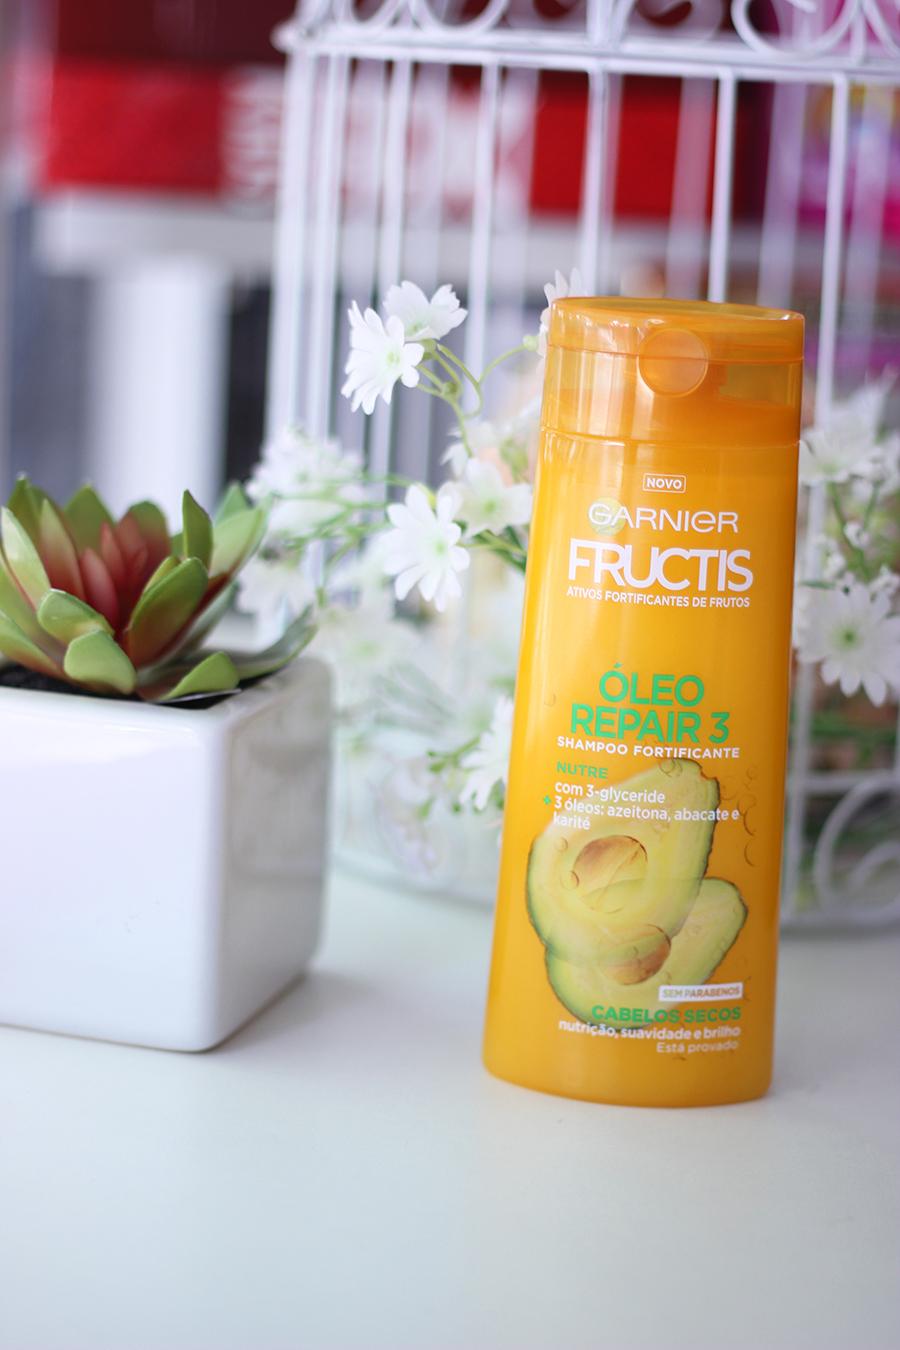 Fructis Garnier Repair 3